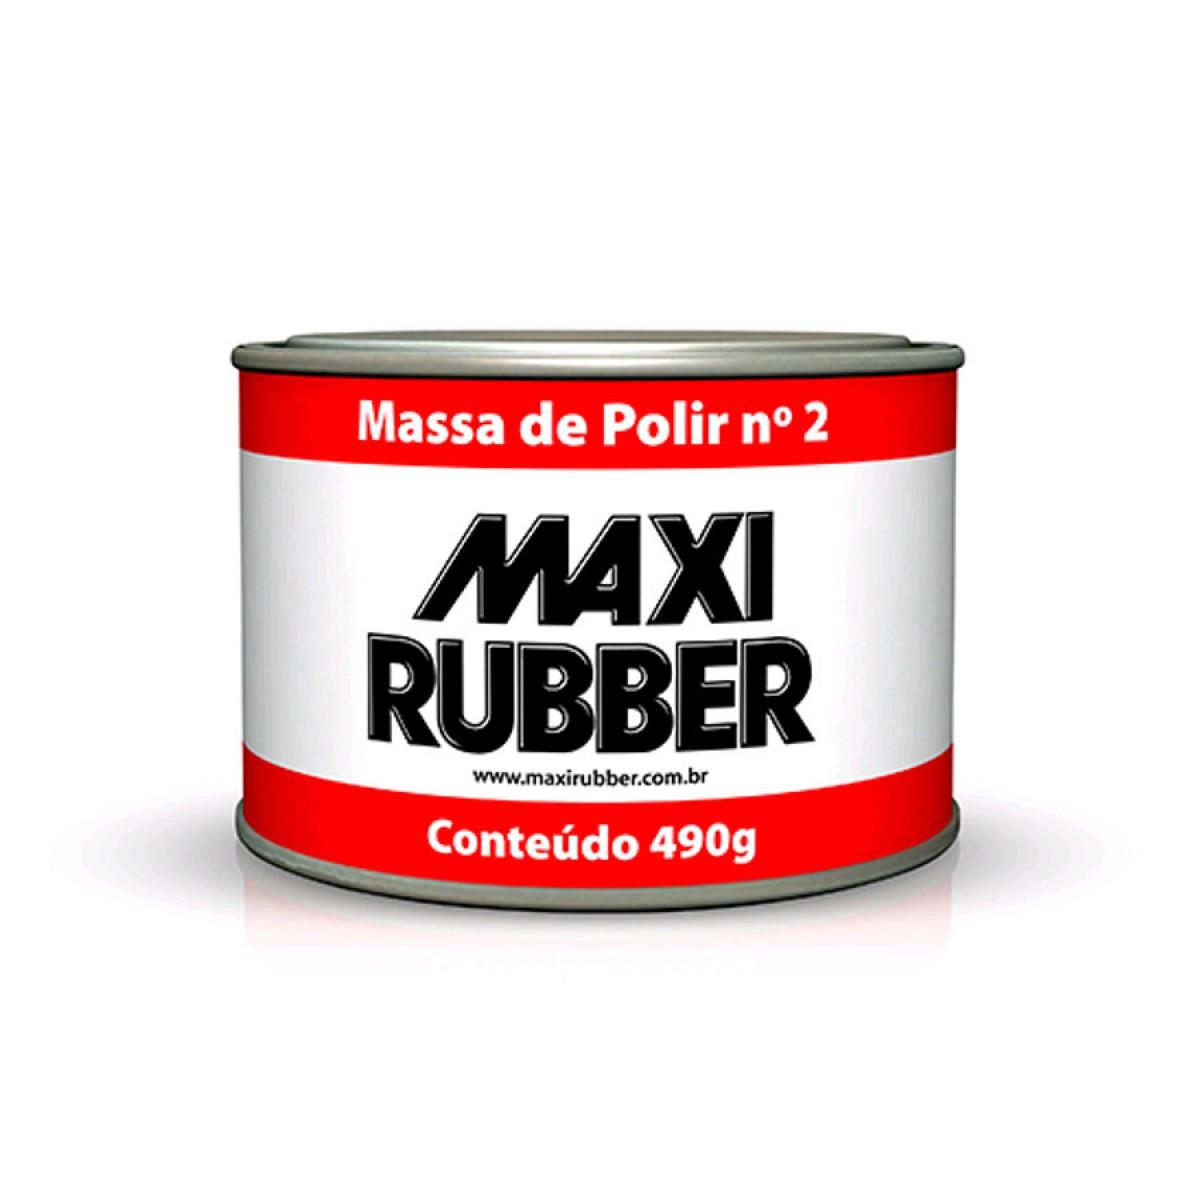 MASSA PARA POLIR N° 2 MAXI RUBBER 490G